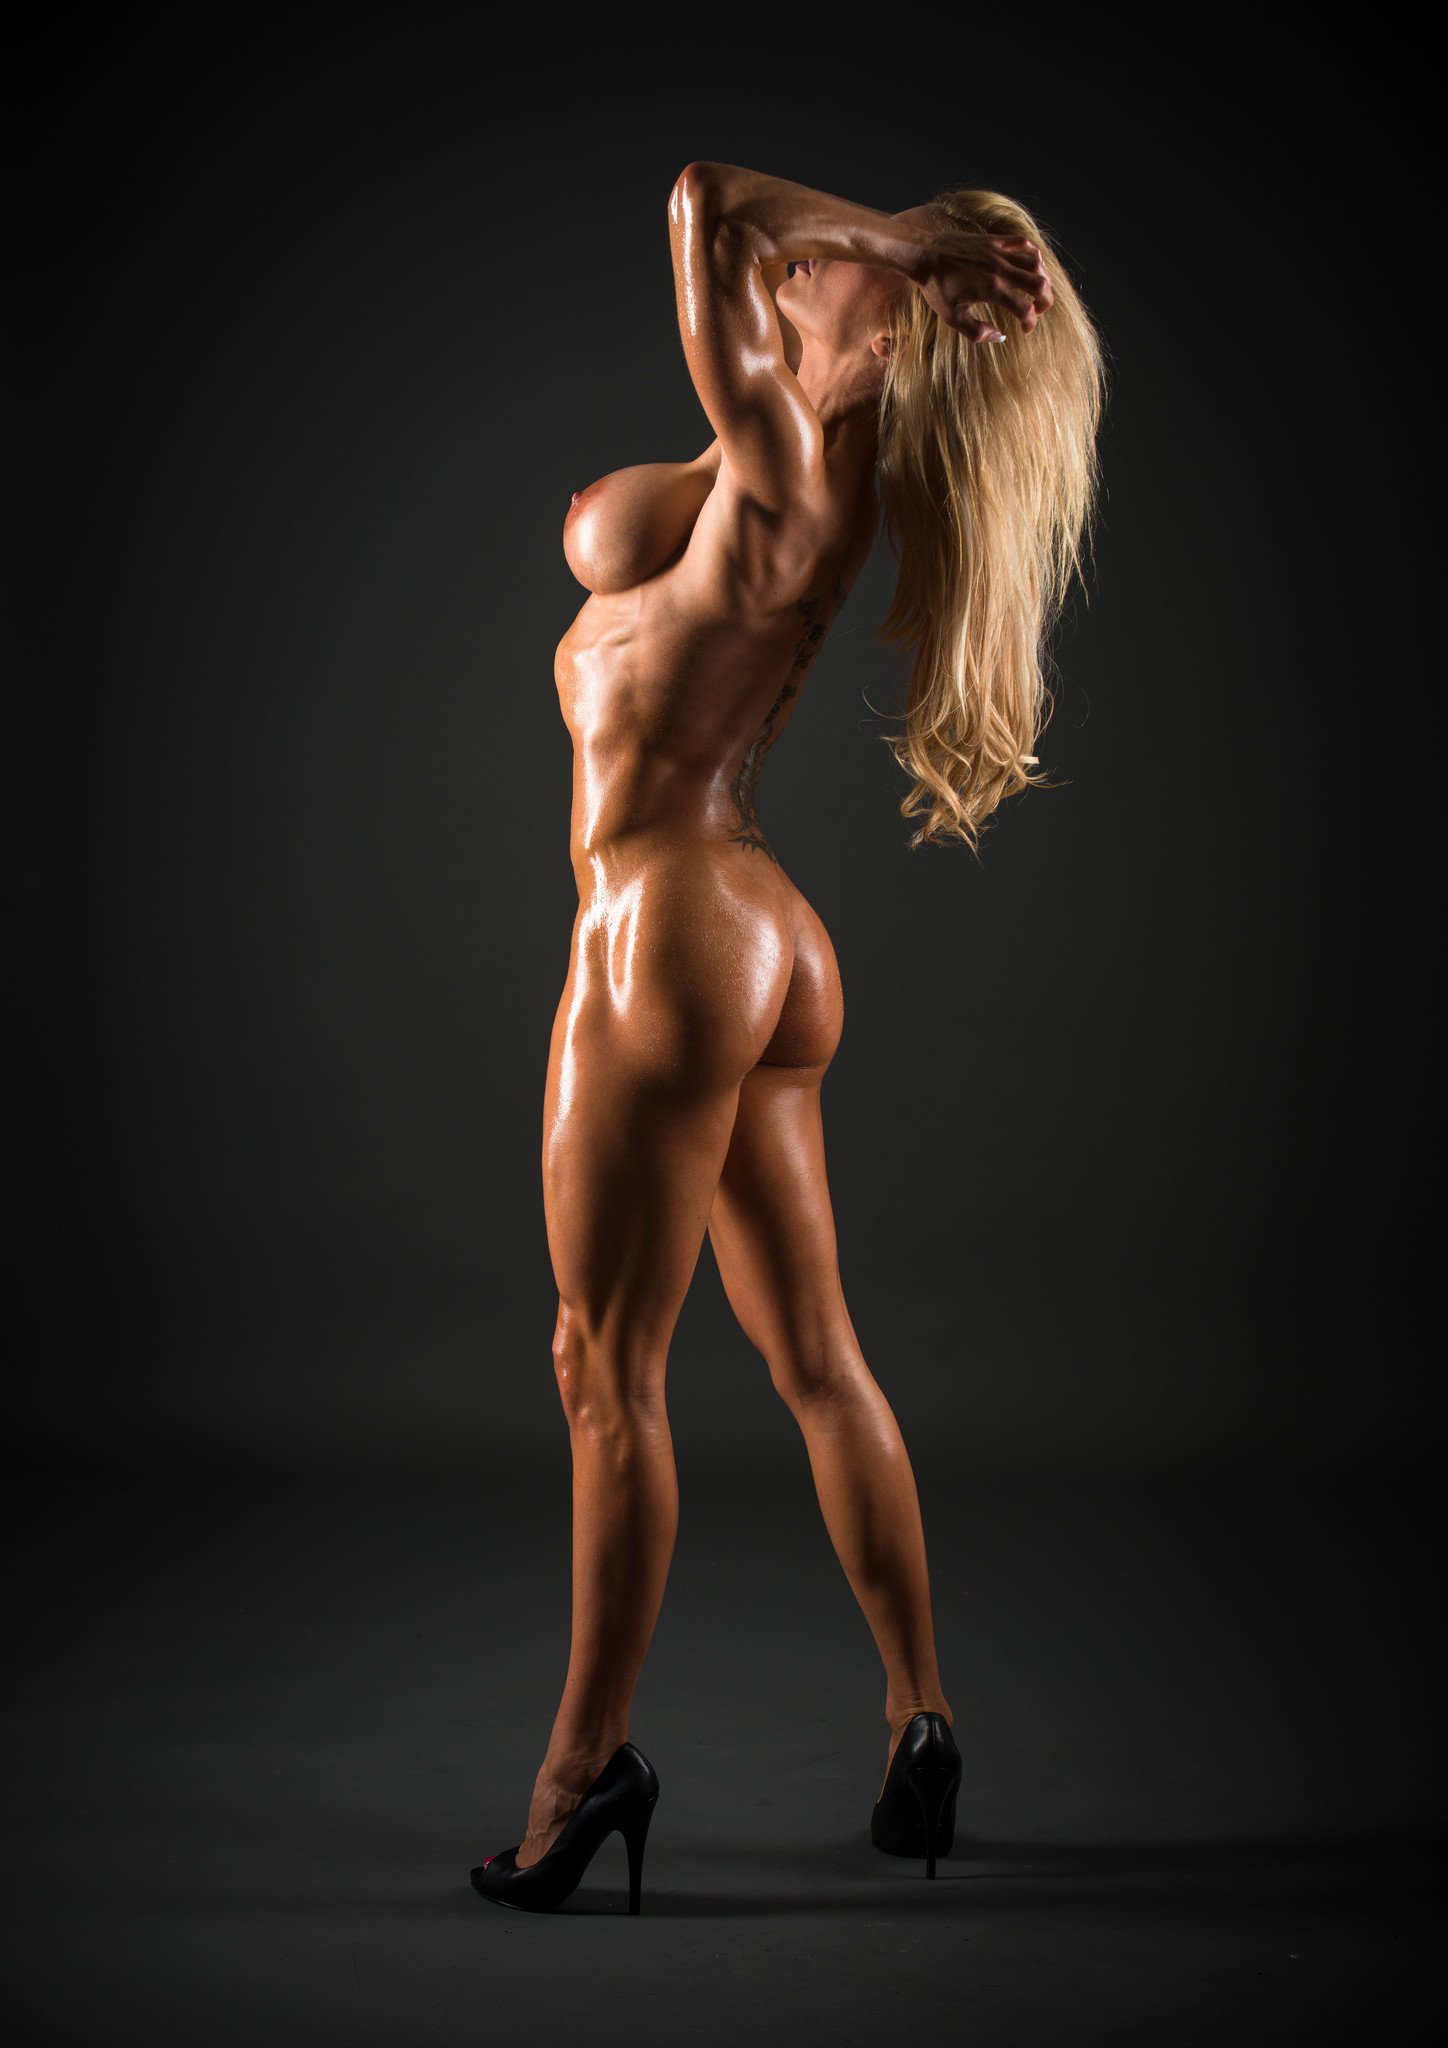 Pin by sergey VOROKHANOV on babes | Pinterest | Anatomy ...